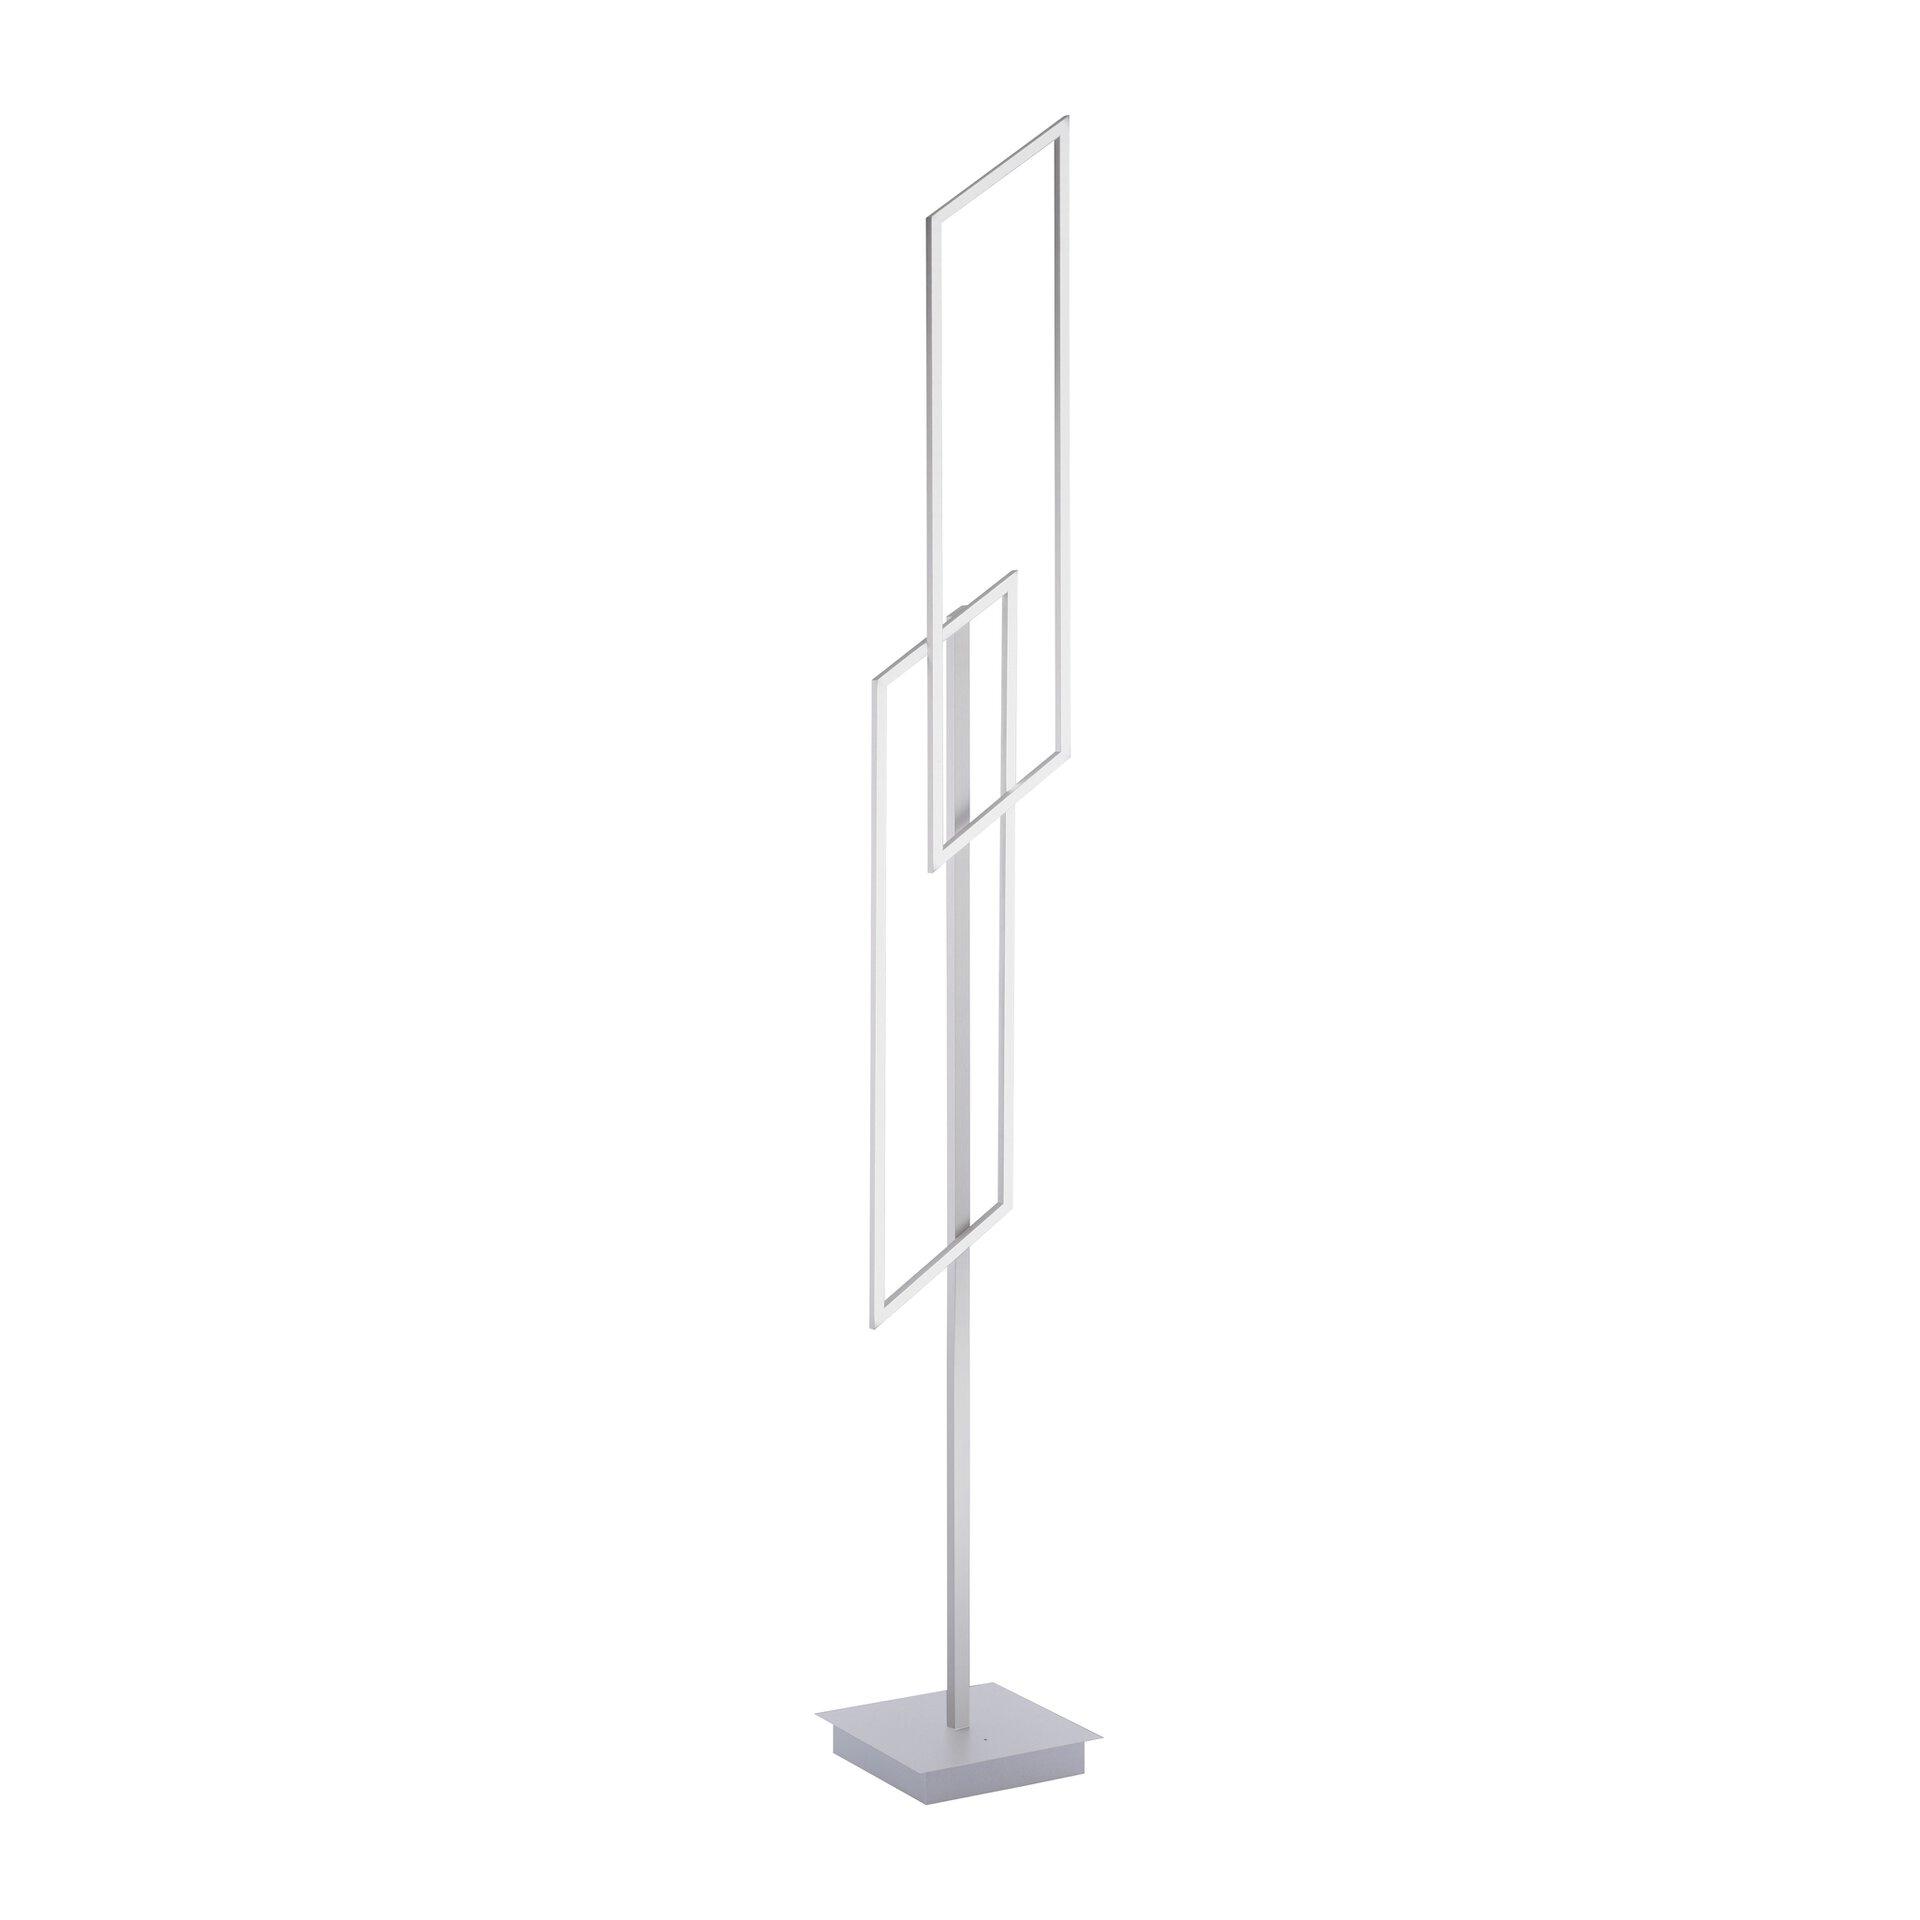 Stehleuchte INIGO Paul Neuhaus Metall silber 22 x 165 x 24 cm